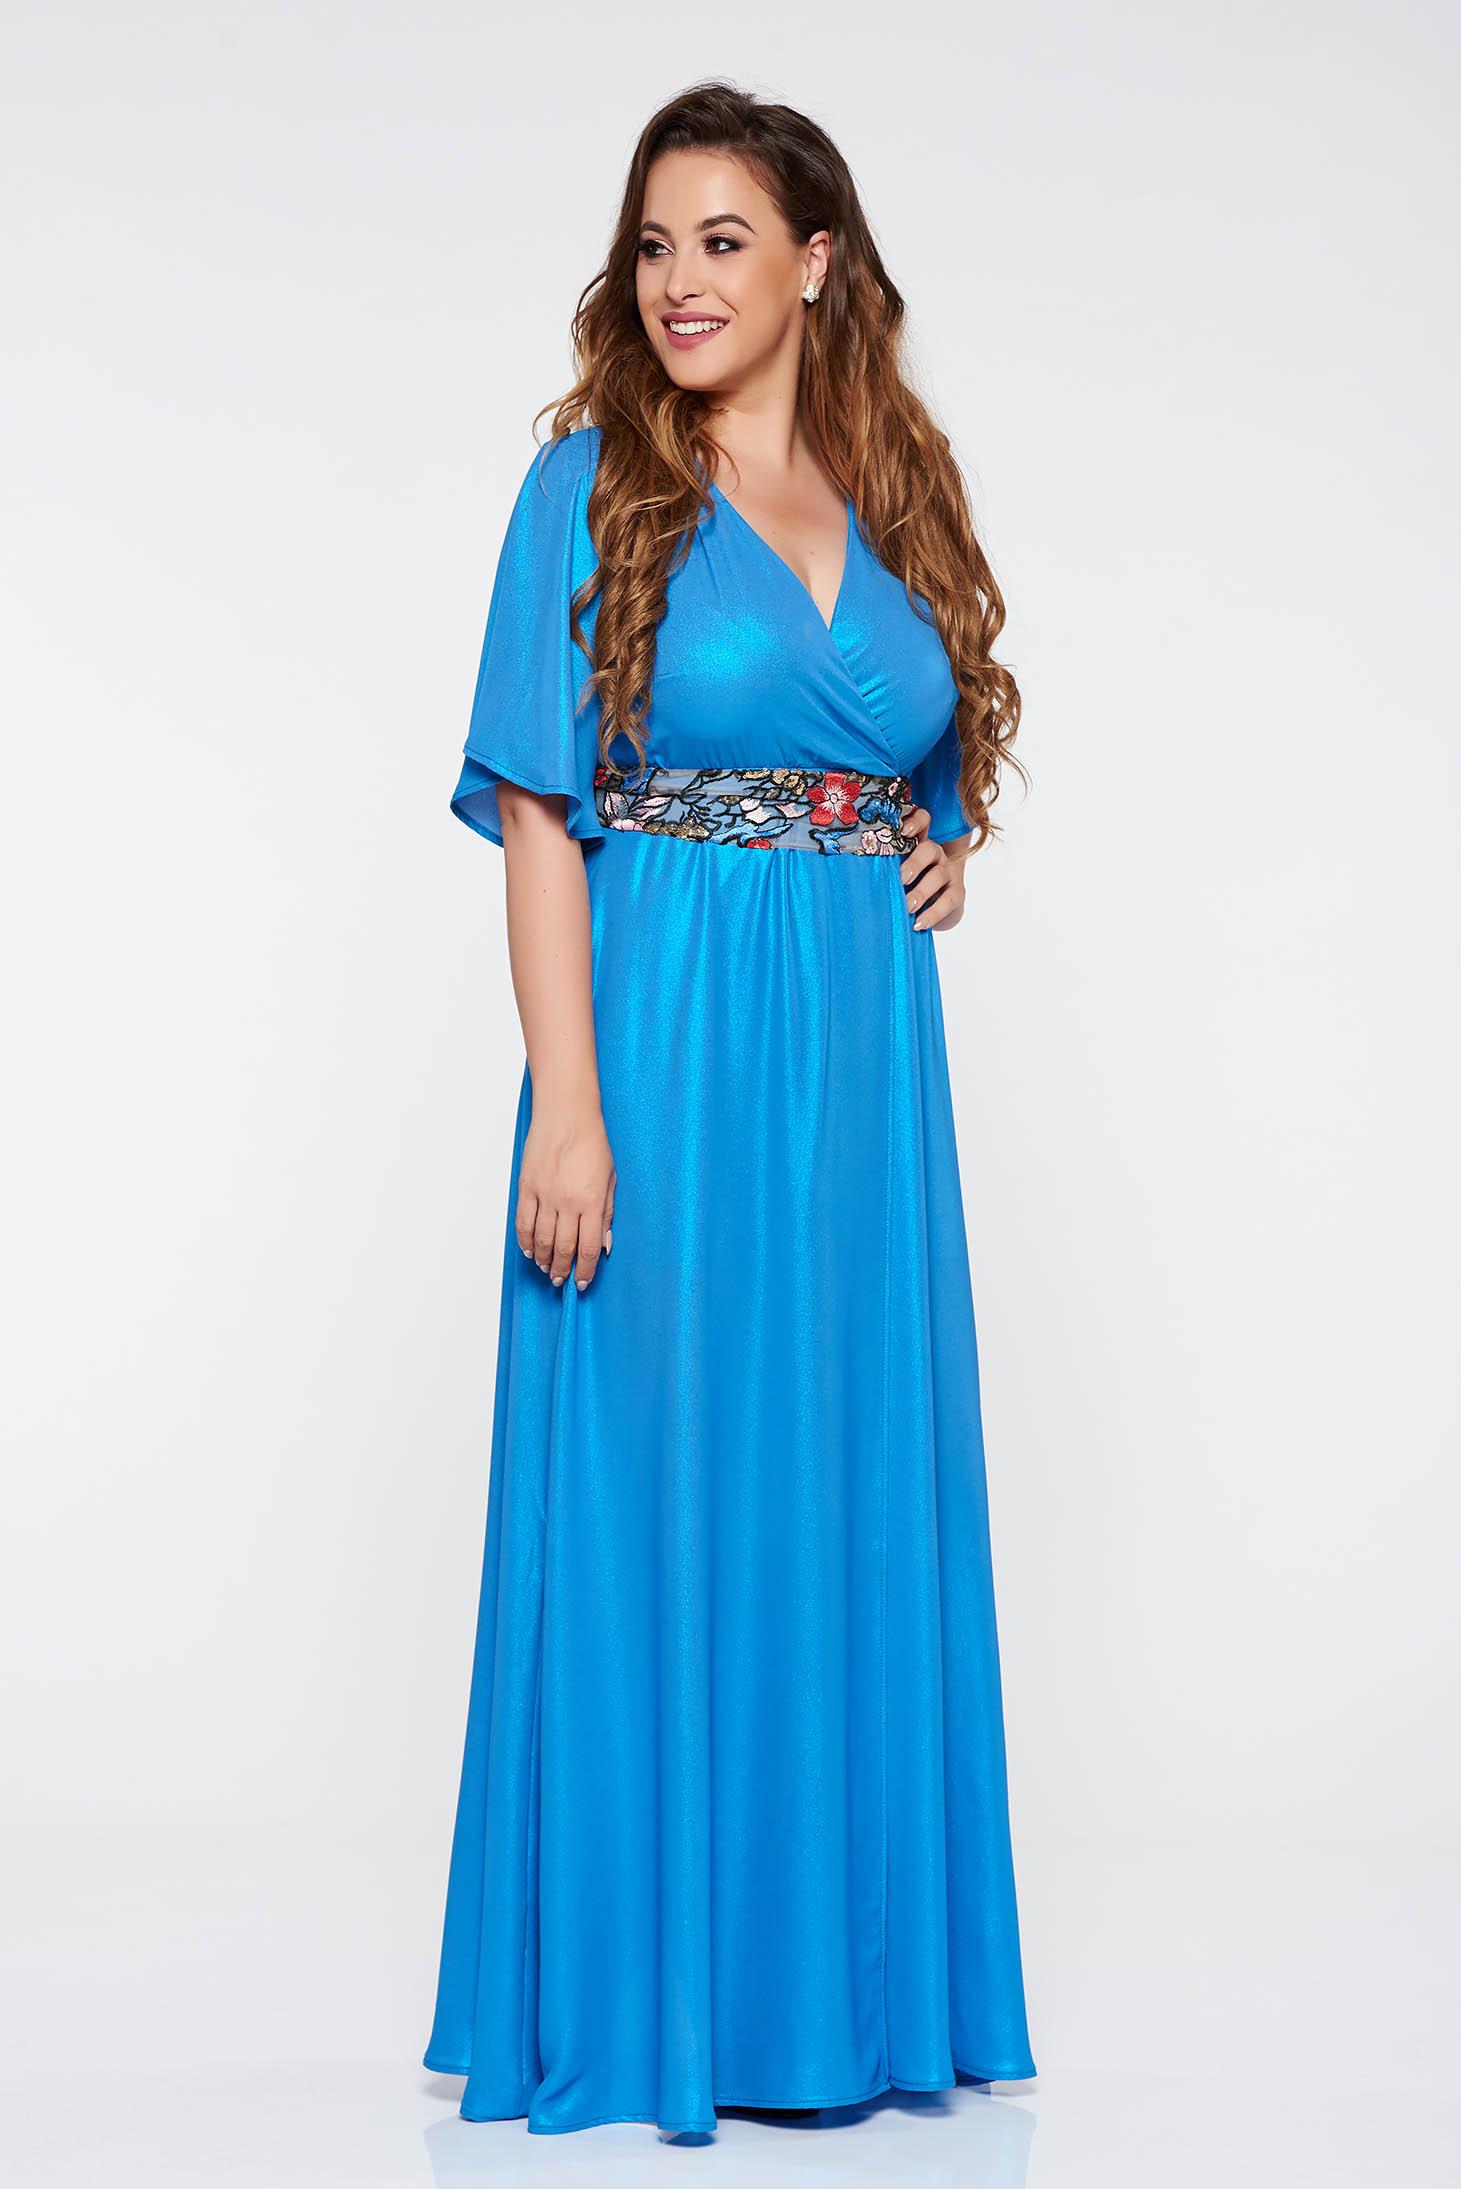 Kék StarShinerS elegáns hosszú ruha 3 4-es ujjú fényes anyag hímzett  betétekkel övvel ellátva d25322c834